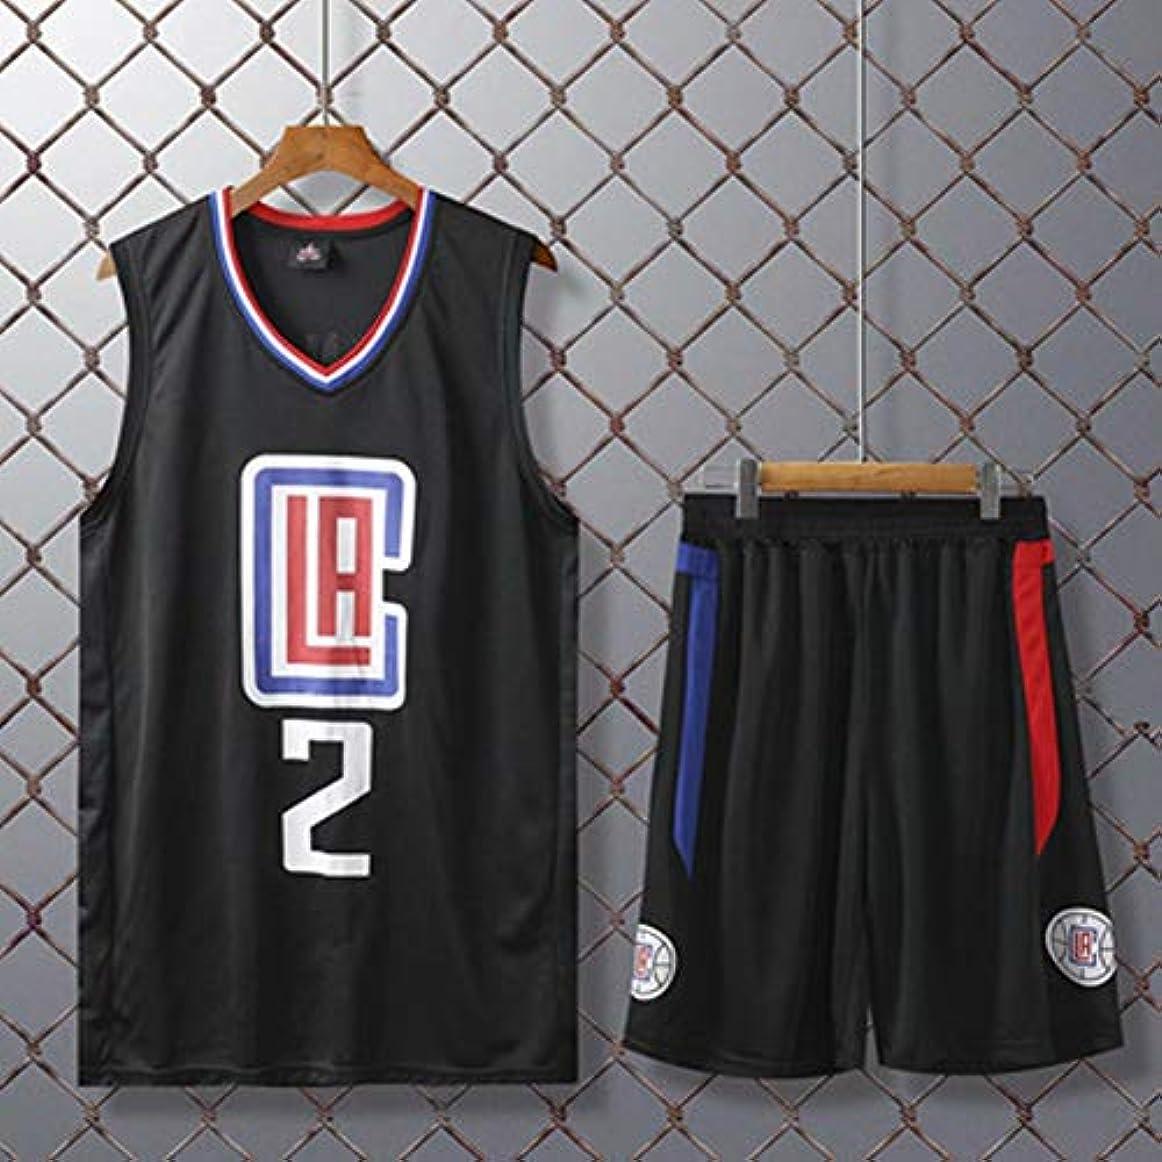 批評ヶ月目アカデミーキッズバスケットボールユニフォームセット - 夏のバスケットボールジャージーNBAロサンゼルスクリッパーズ#2レナード?ファン版 - クラシックバスケットボールスウィングマンジャージノースリーブ